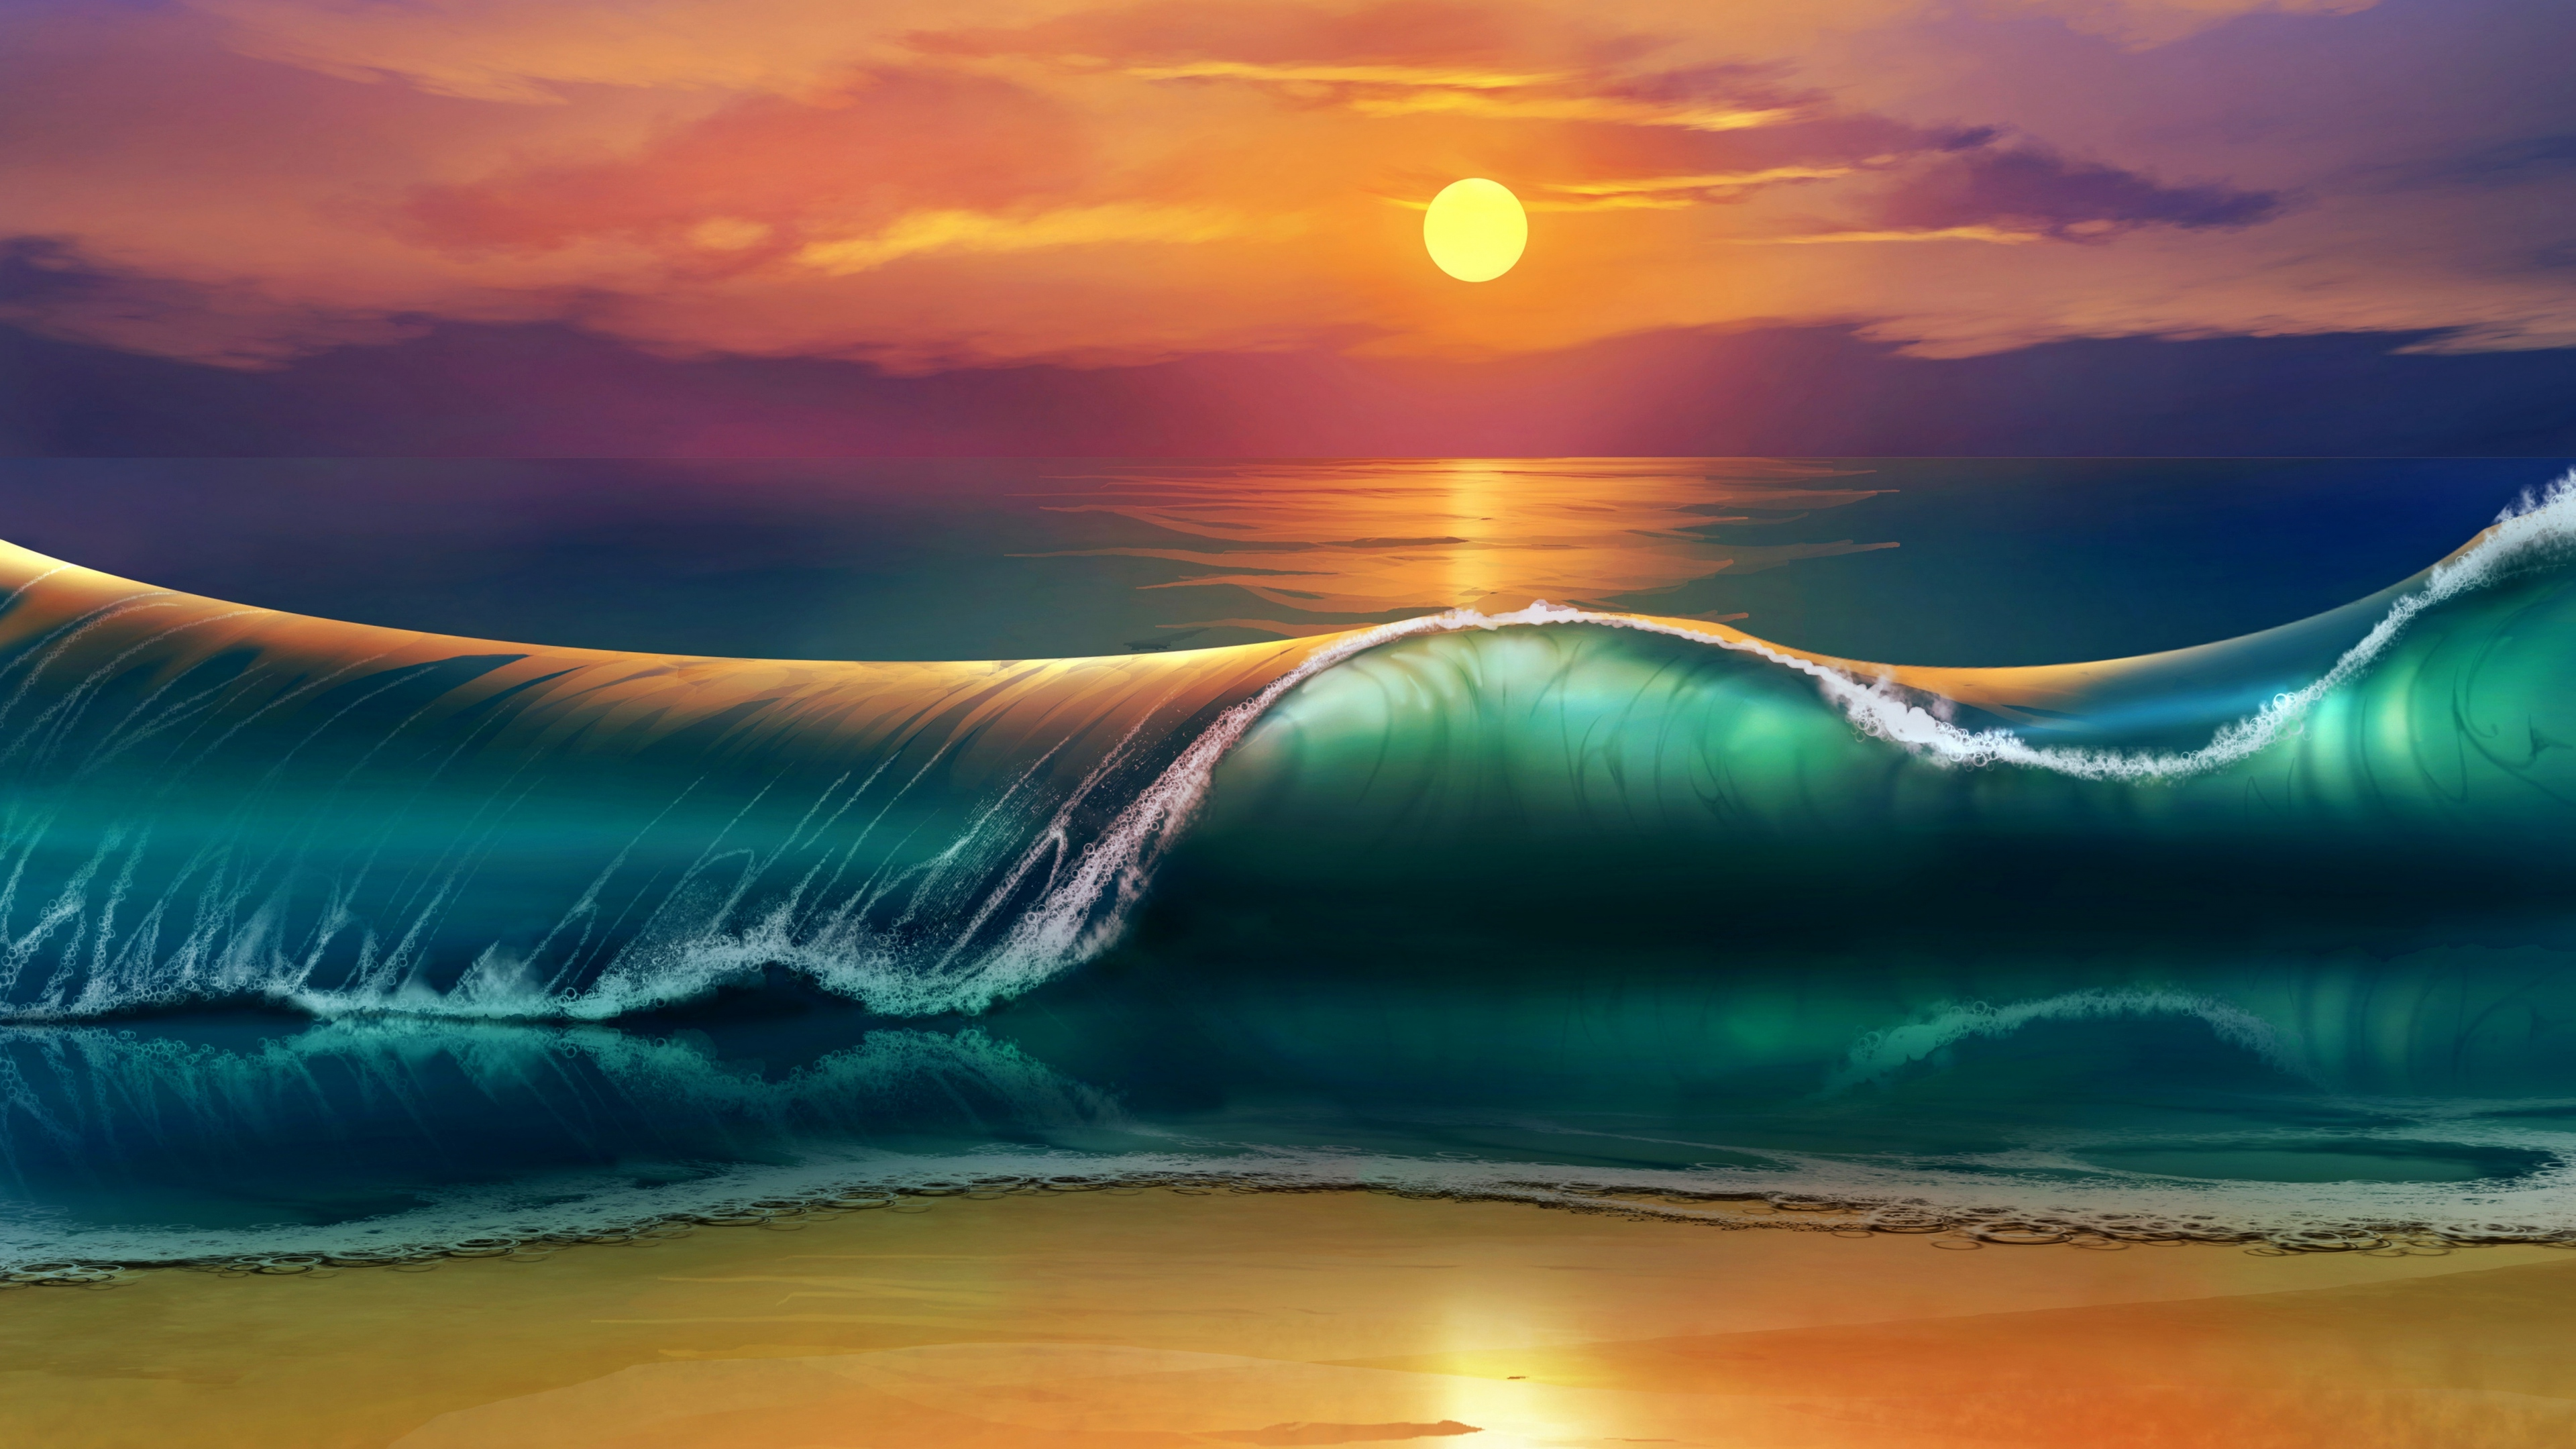 SunsetUltra HD 4k Wallpapers Wide Screen Wallpaper 1080p2K4K 3840x2160